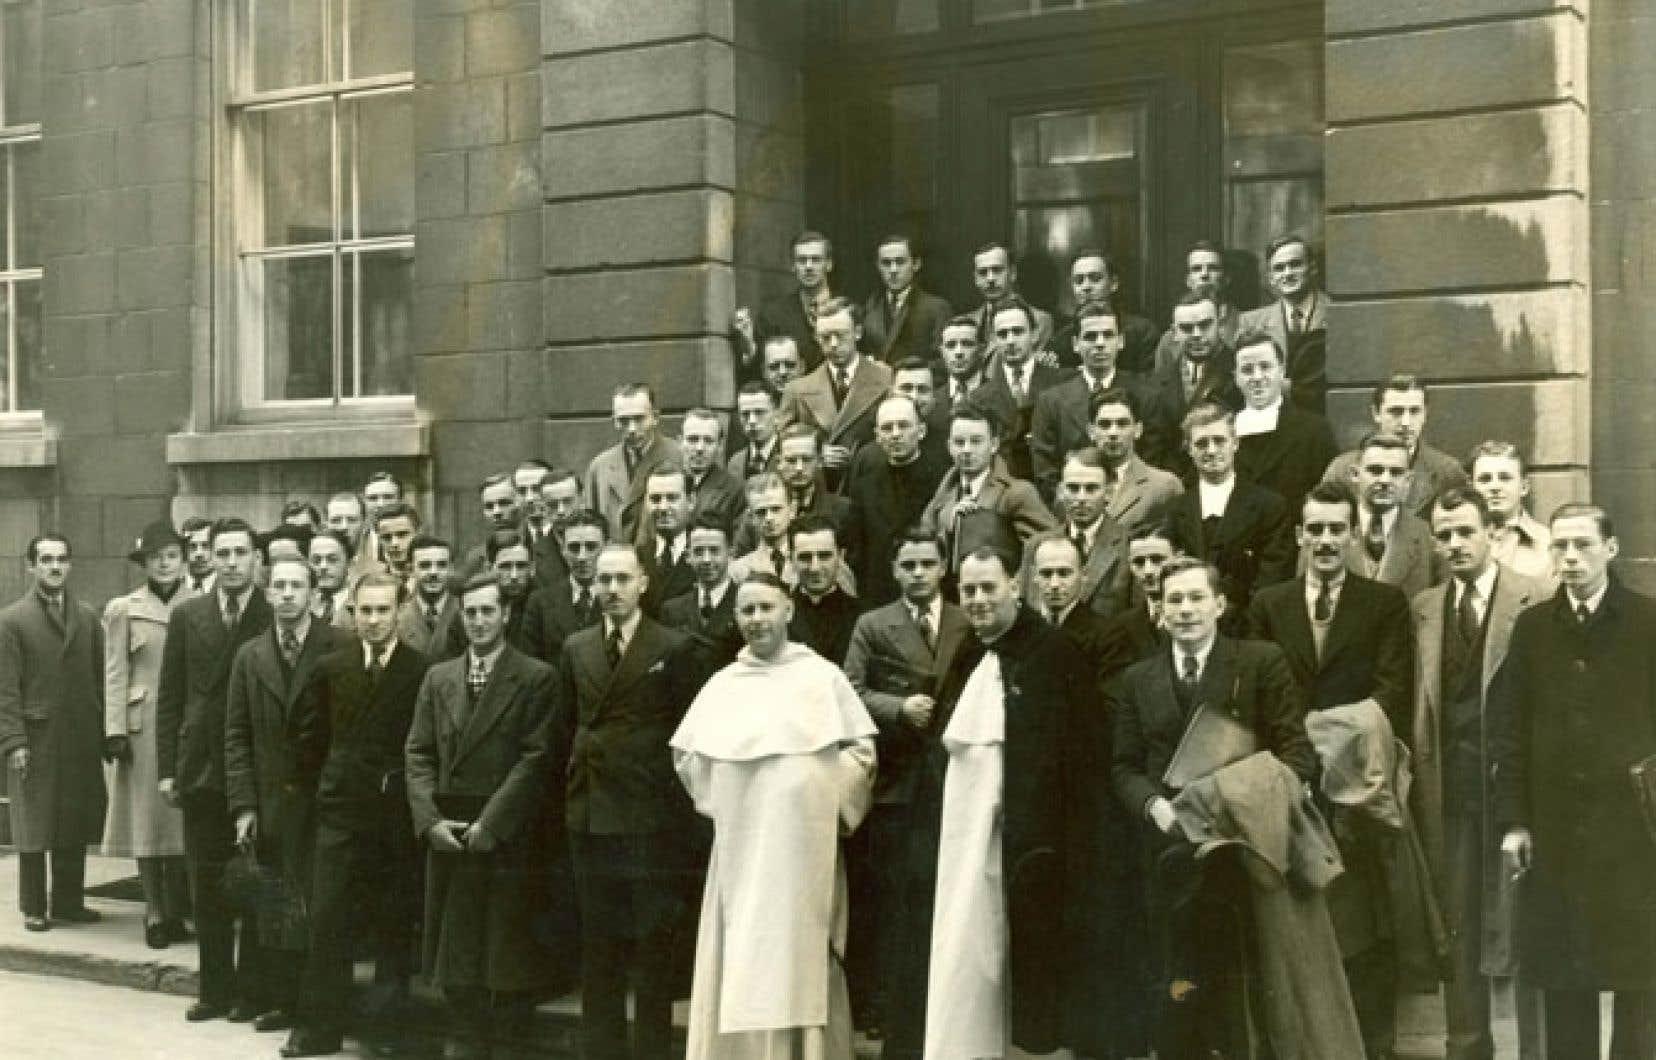 La toute première cohorte de l'École des sciences sociales, politiques et économiques, en 1938